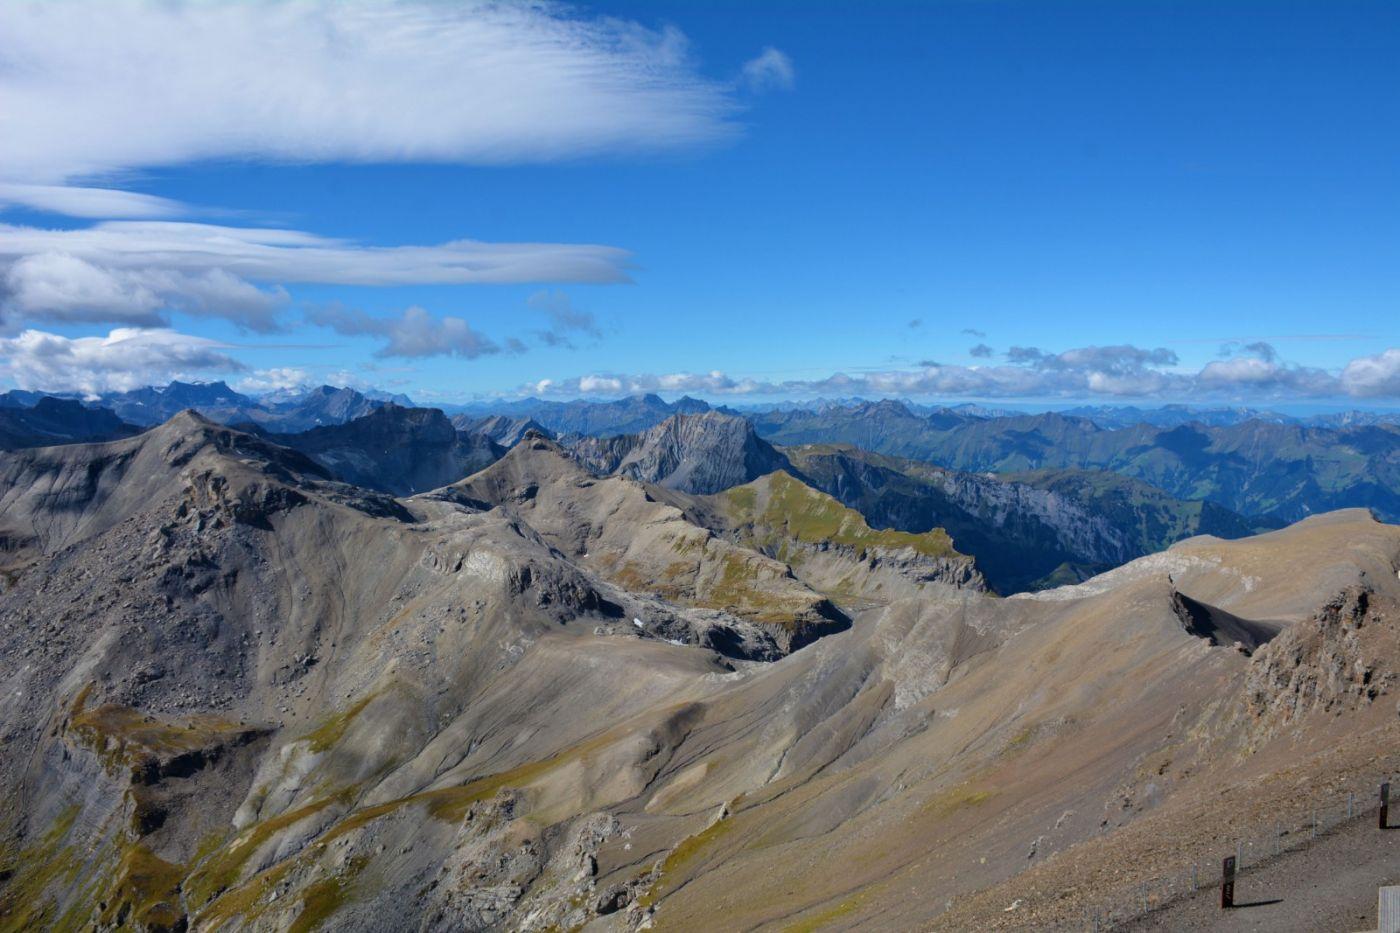 登上阿尔卑斯山遥望少女、勃朗峰_图1-5